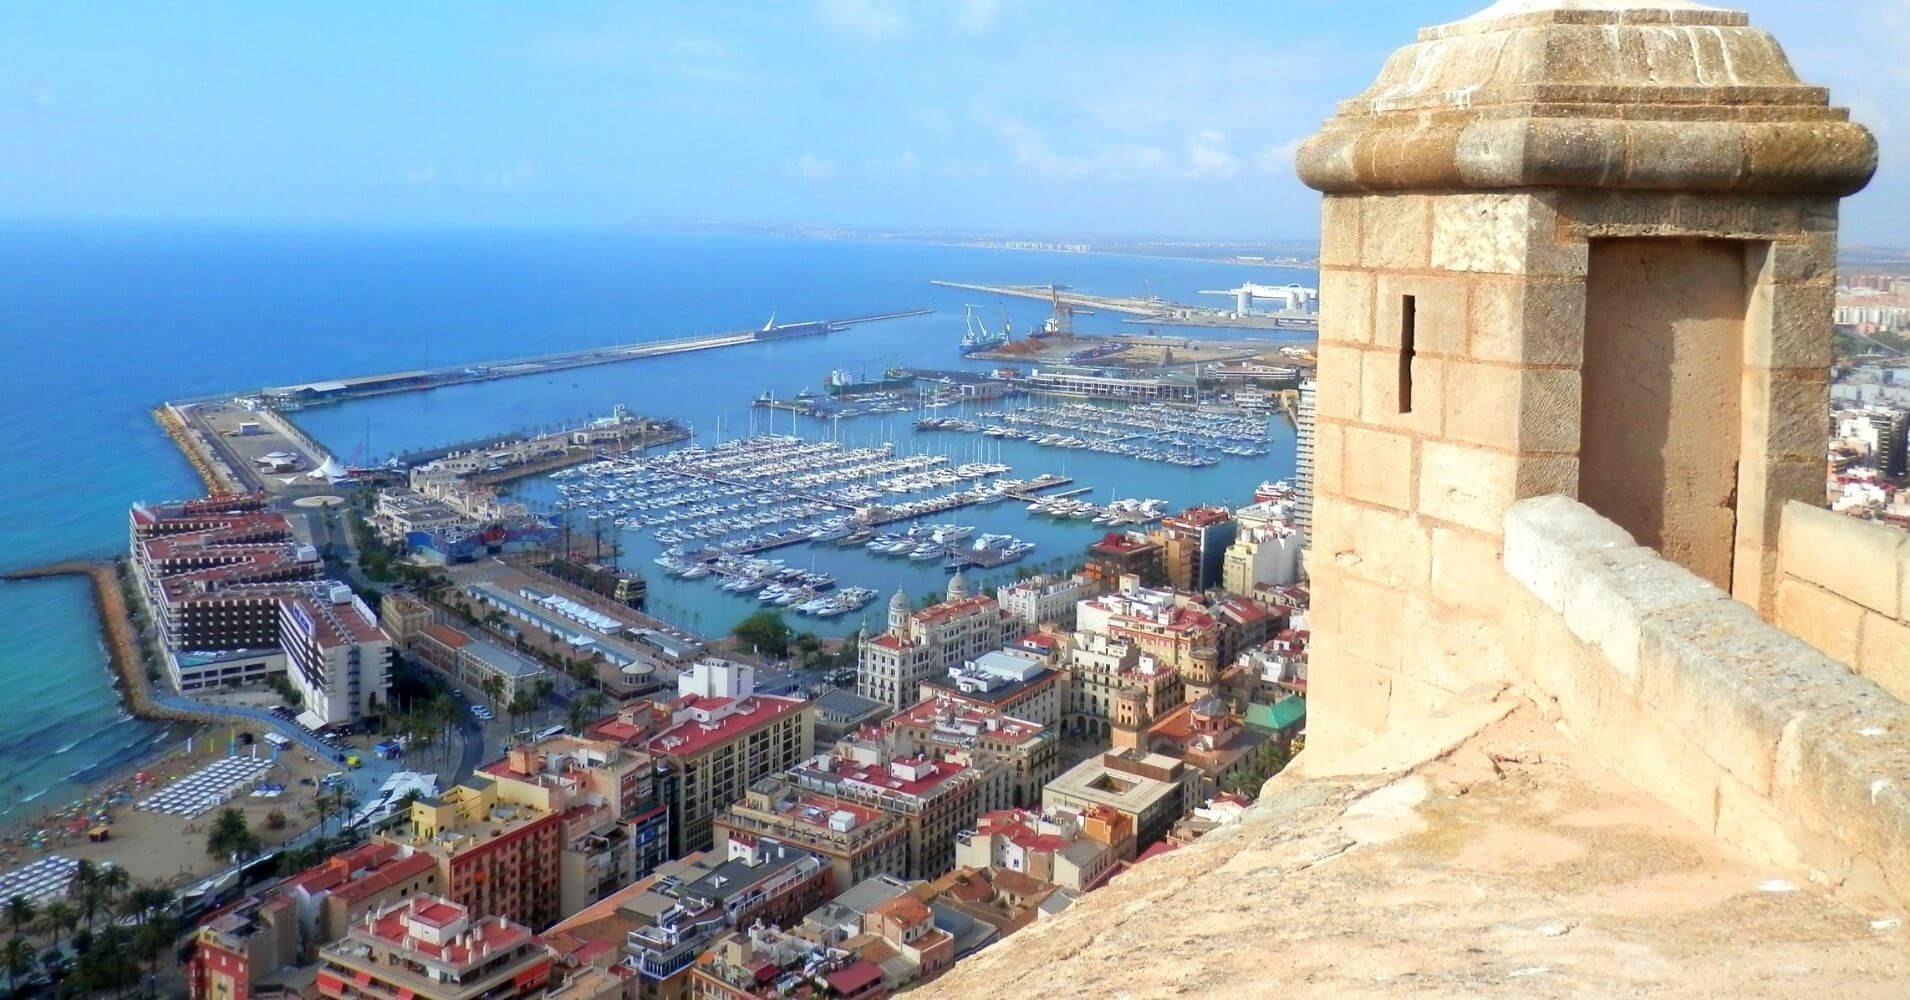 Alicante desde el Castillo de Santa Bárbara. Comunidad Valenciana.